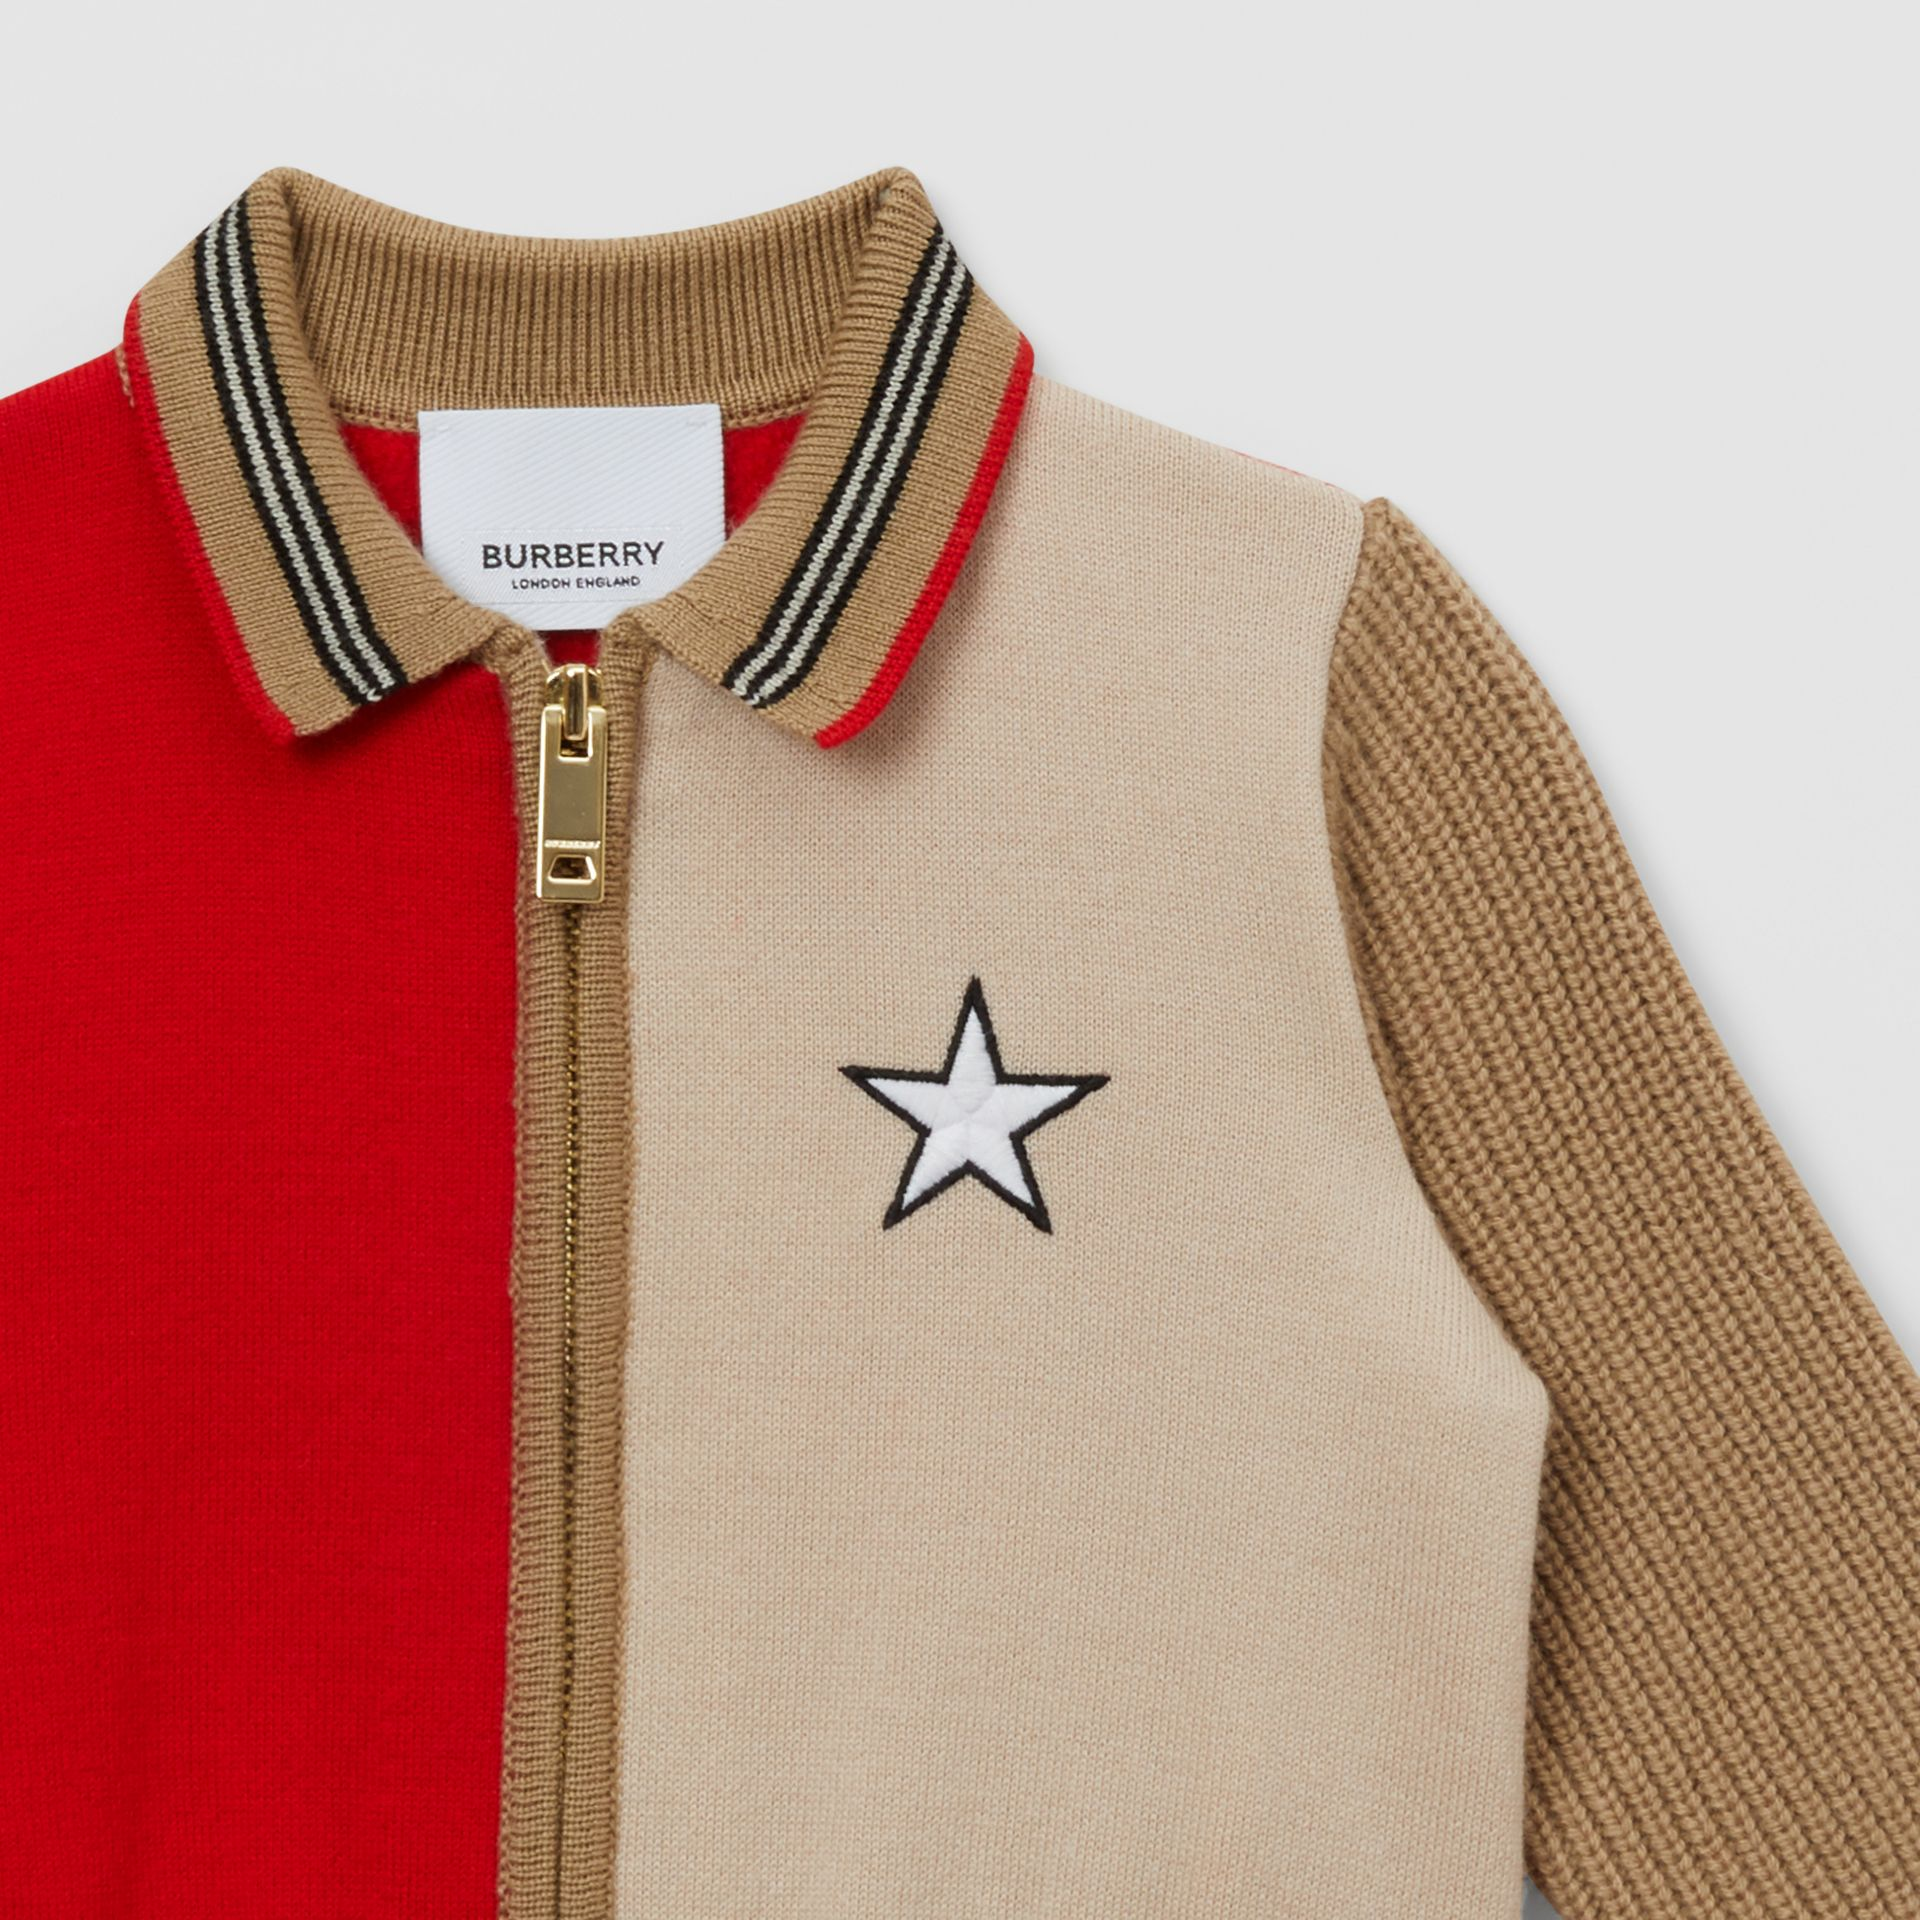 Veste en laine mélangée color-block avec motif étoilé - Enfant | Burberry - photo de la galerie 3